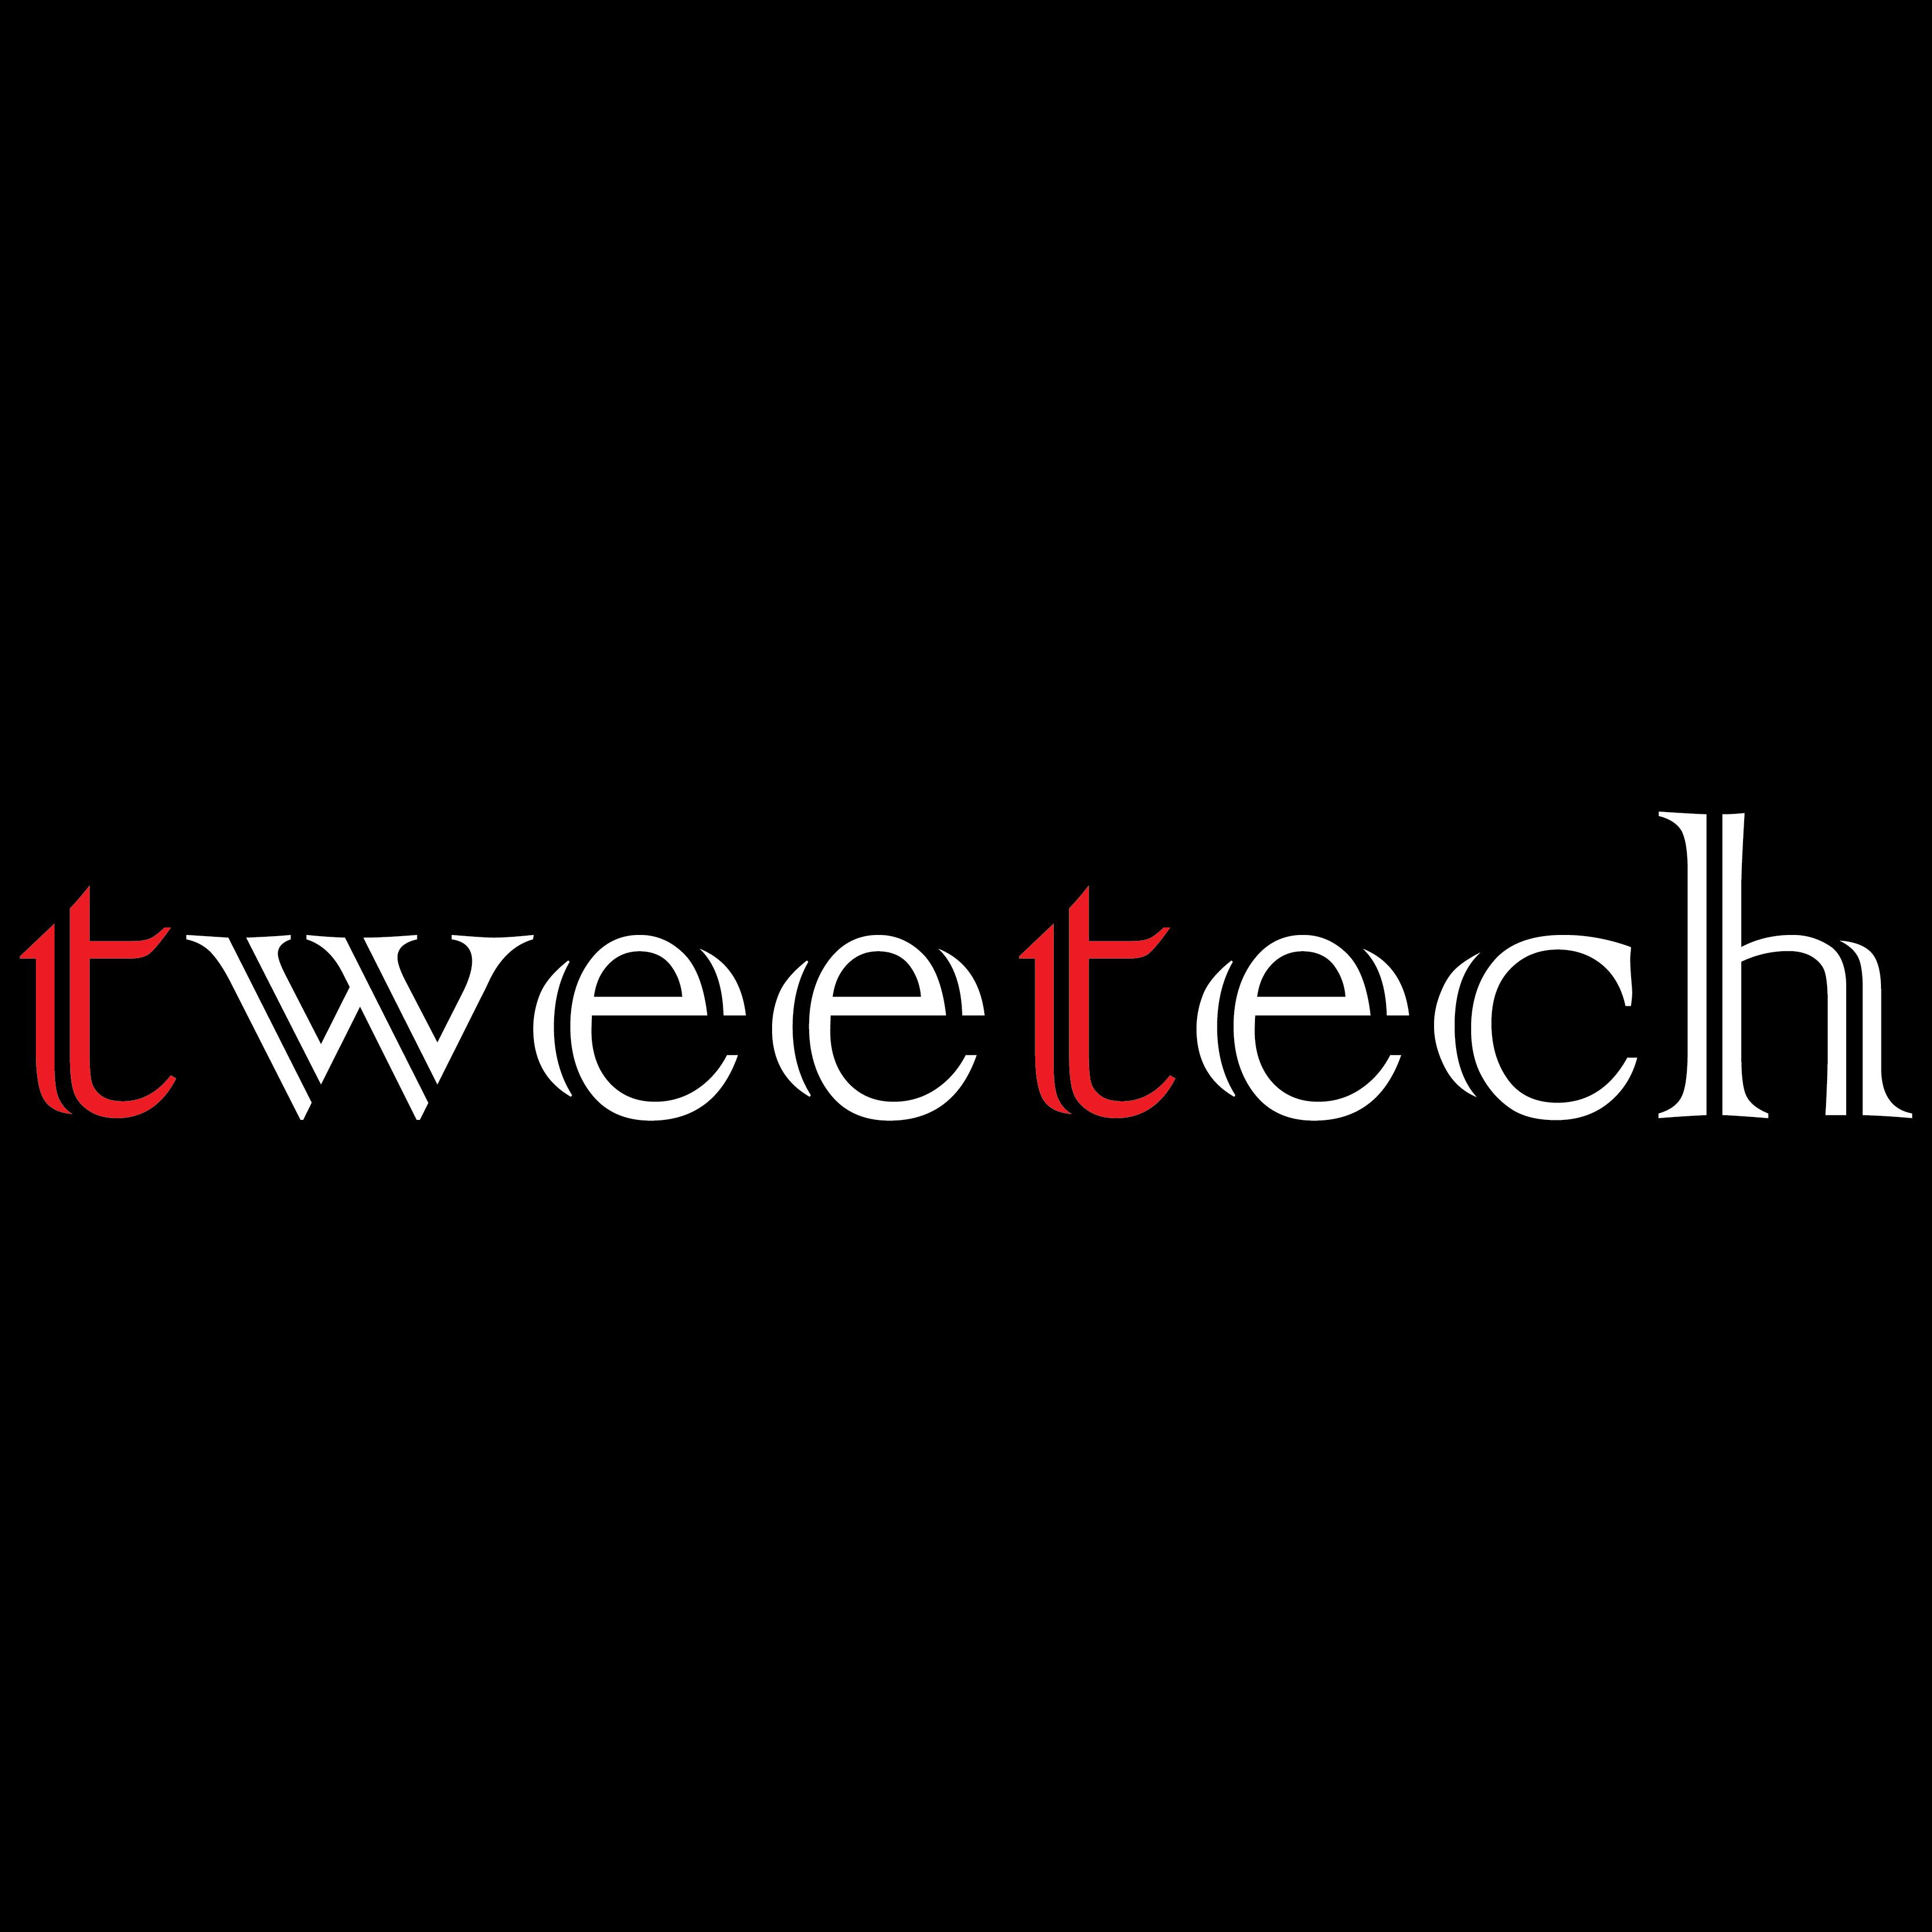 75989tweetech-logo-youtube-800x800-01.jpg